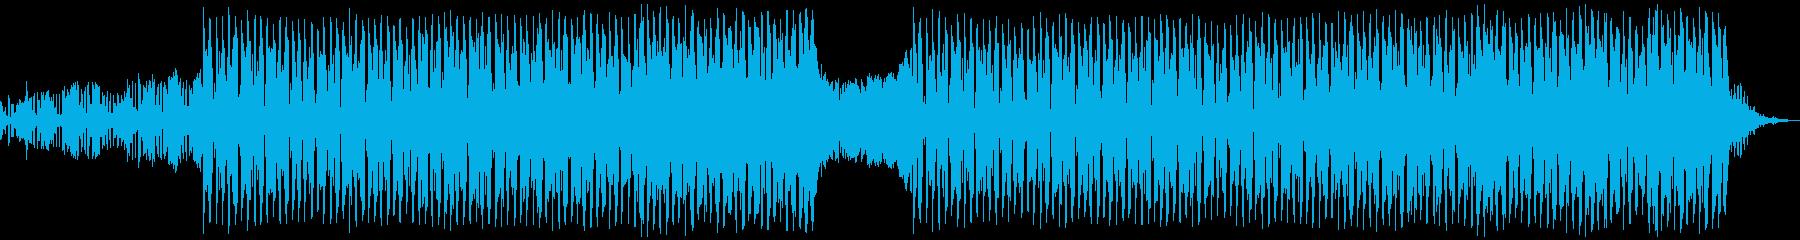 未来 テクノロジー ディスコ ダン...の再生済みの波形